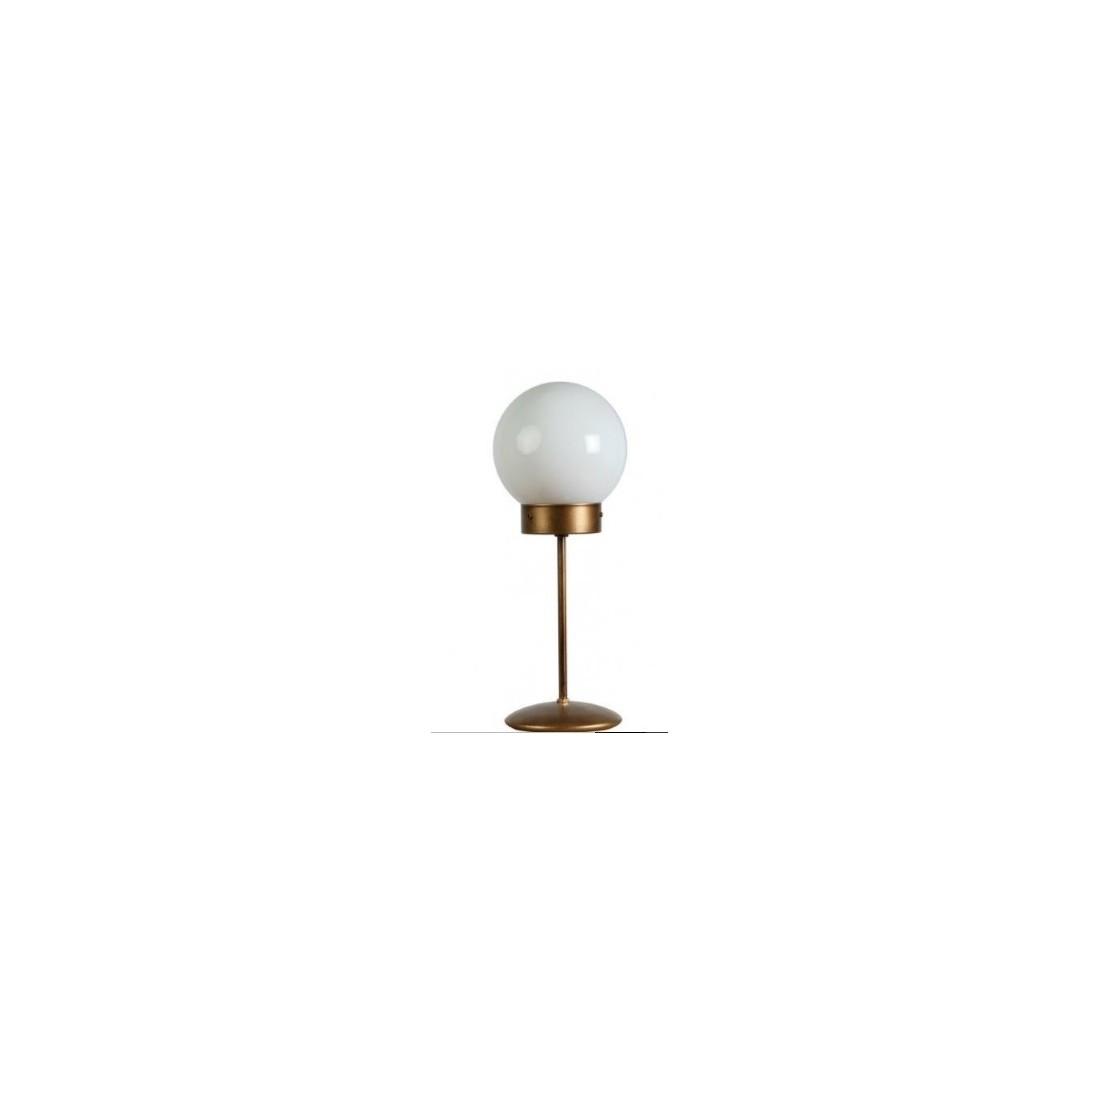 Lamparas Para Baño Baratas:baratas, lamparas modernas baratas, lamparas de techo, lamparas de